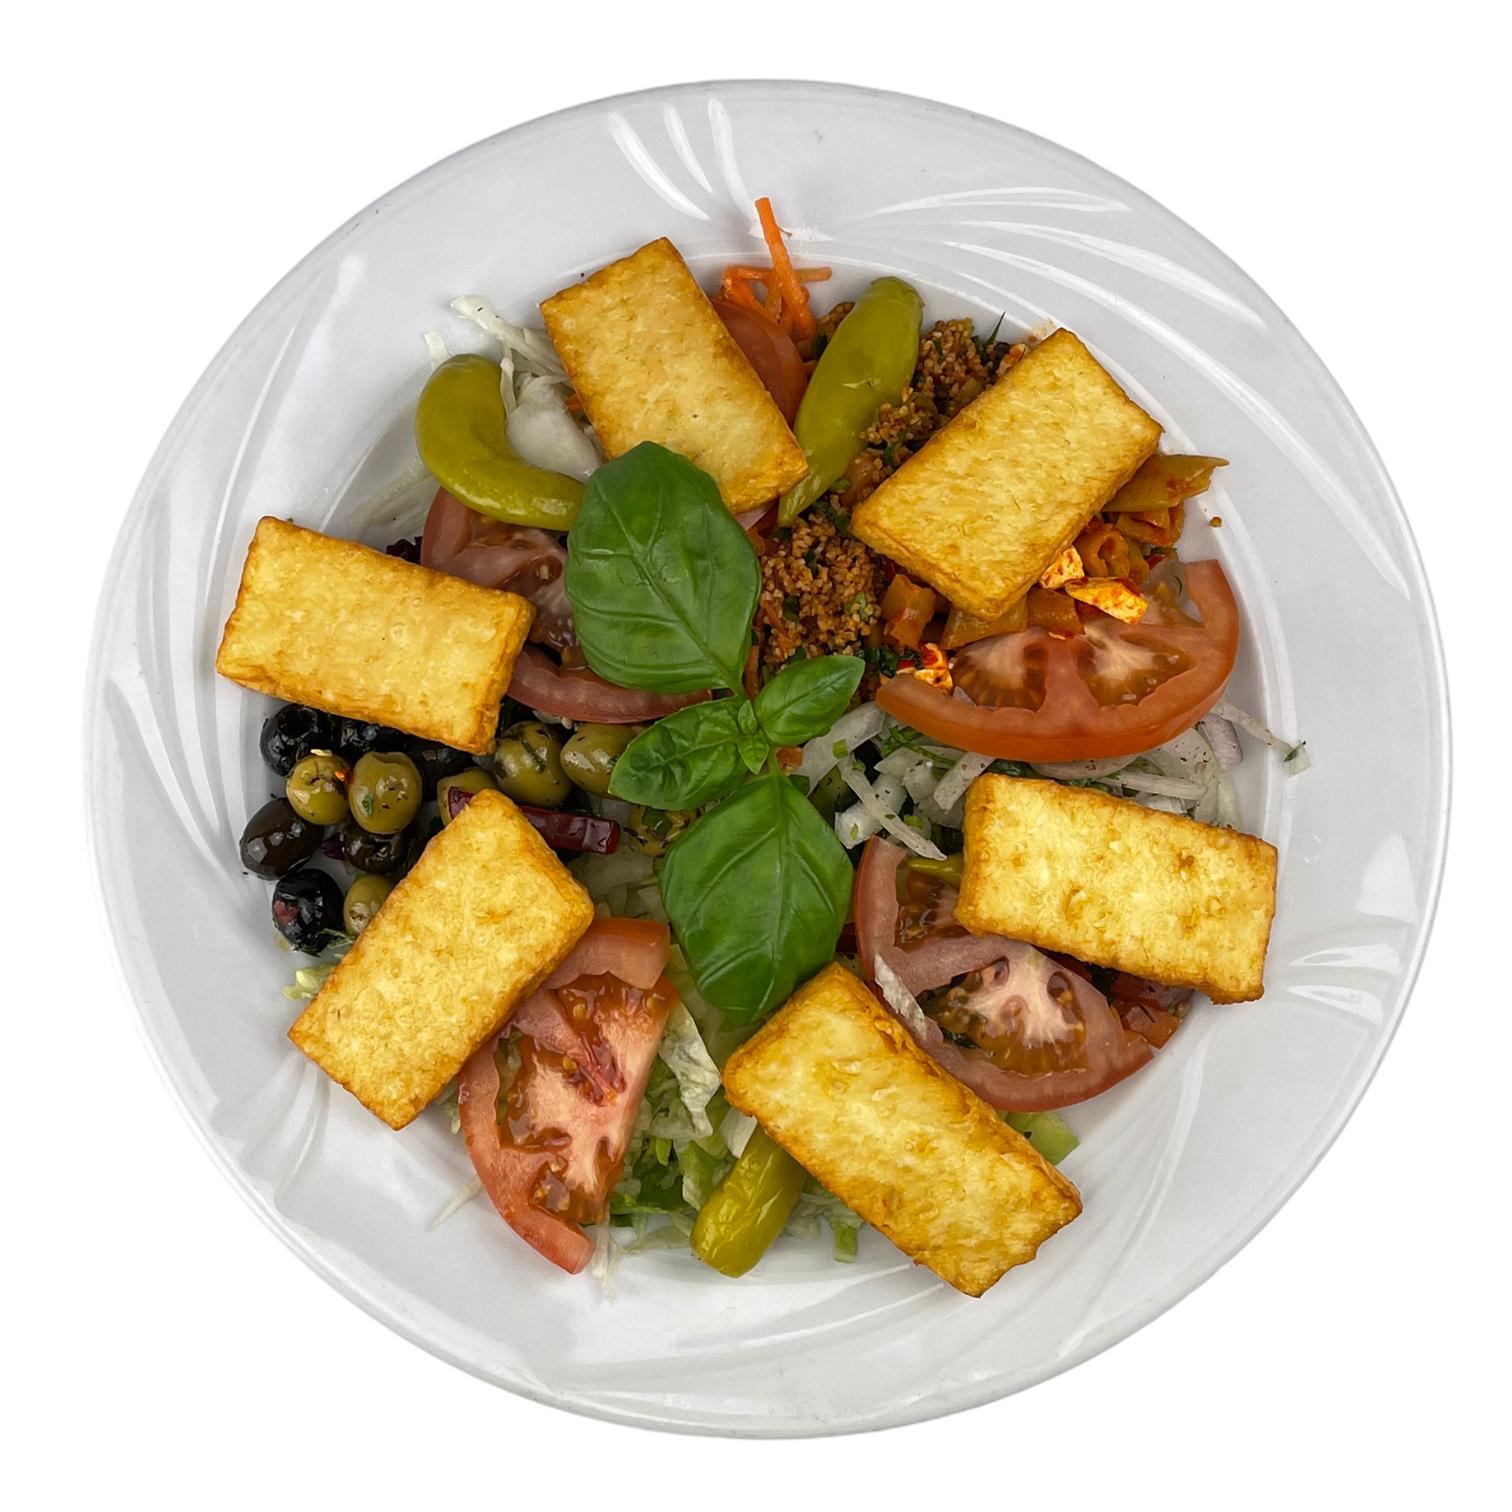 Halloumi Teller mit Salat